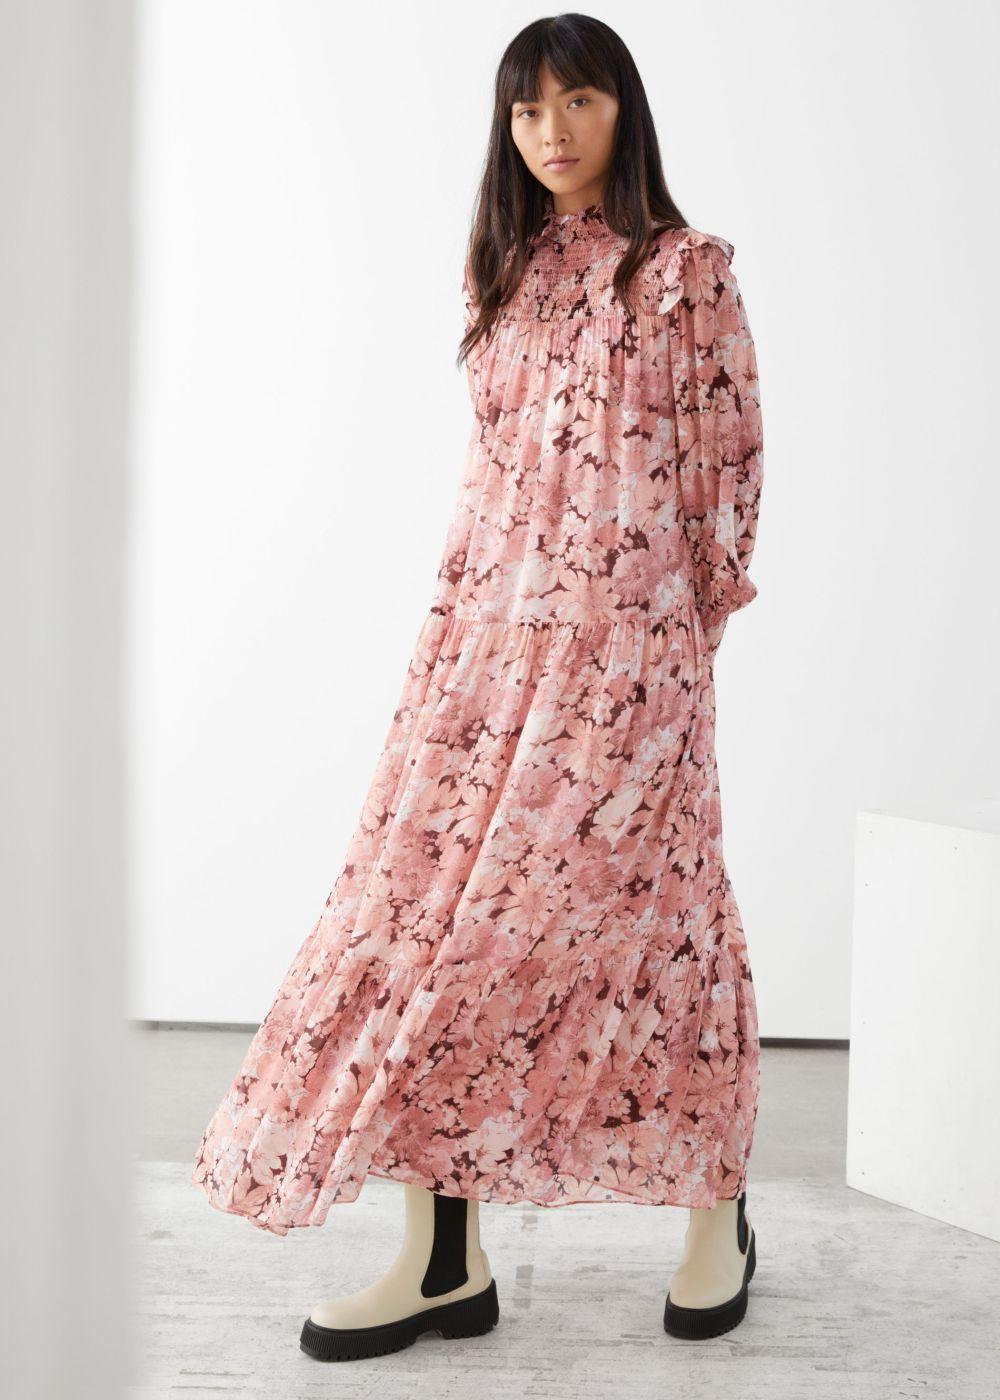 Vestido floral de &Other Stories.